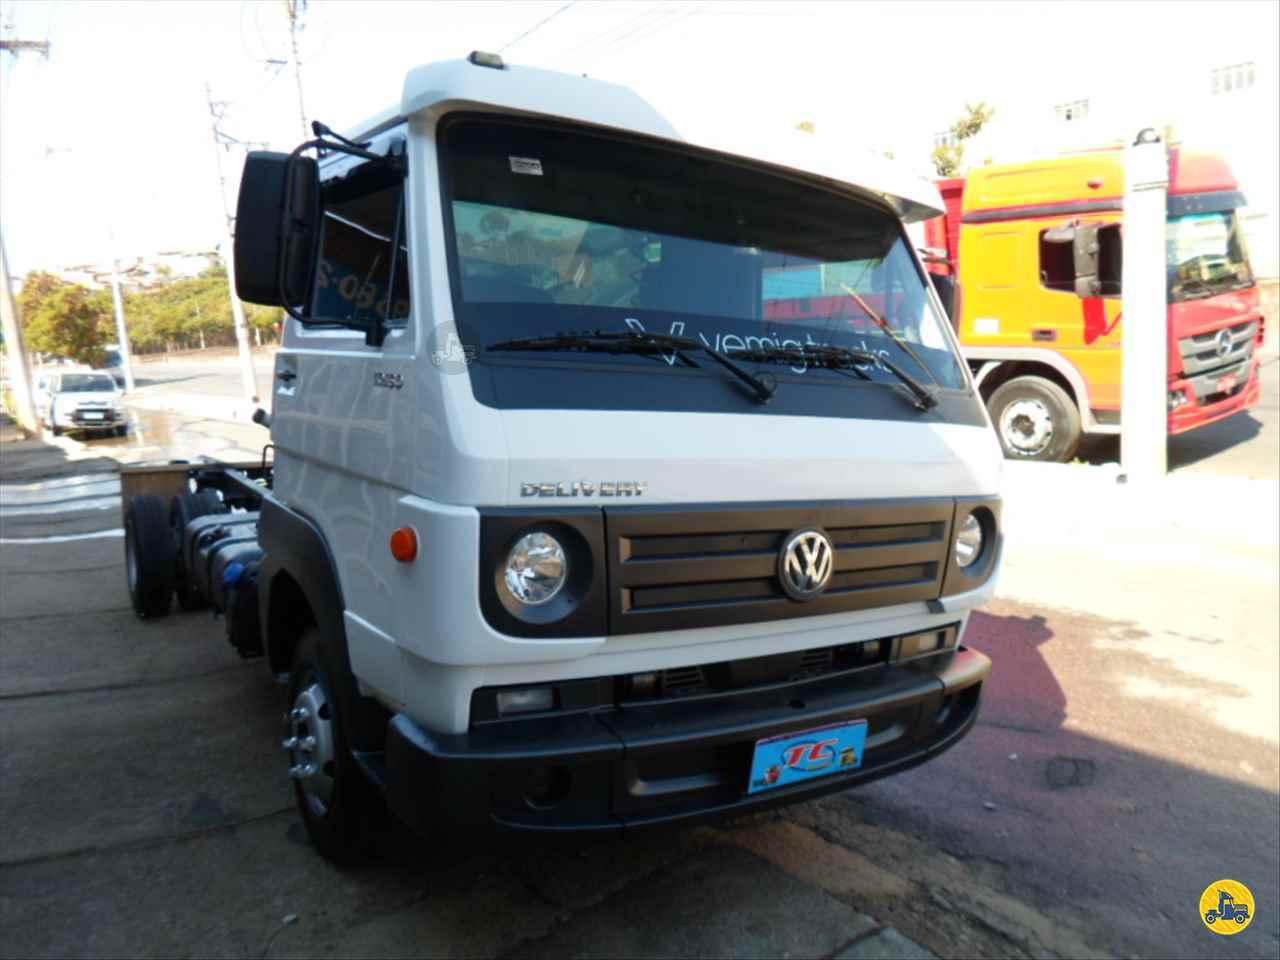 CAMINHAO VOLKSWAGEN VW 10160 Chassis Tração 4x2 TC Caminhões  BELO HORIZONTE MINAS GERAIS MG